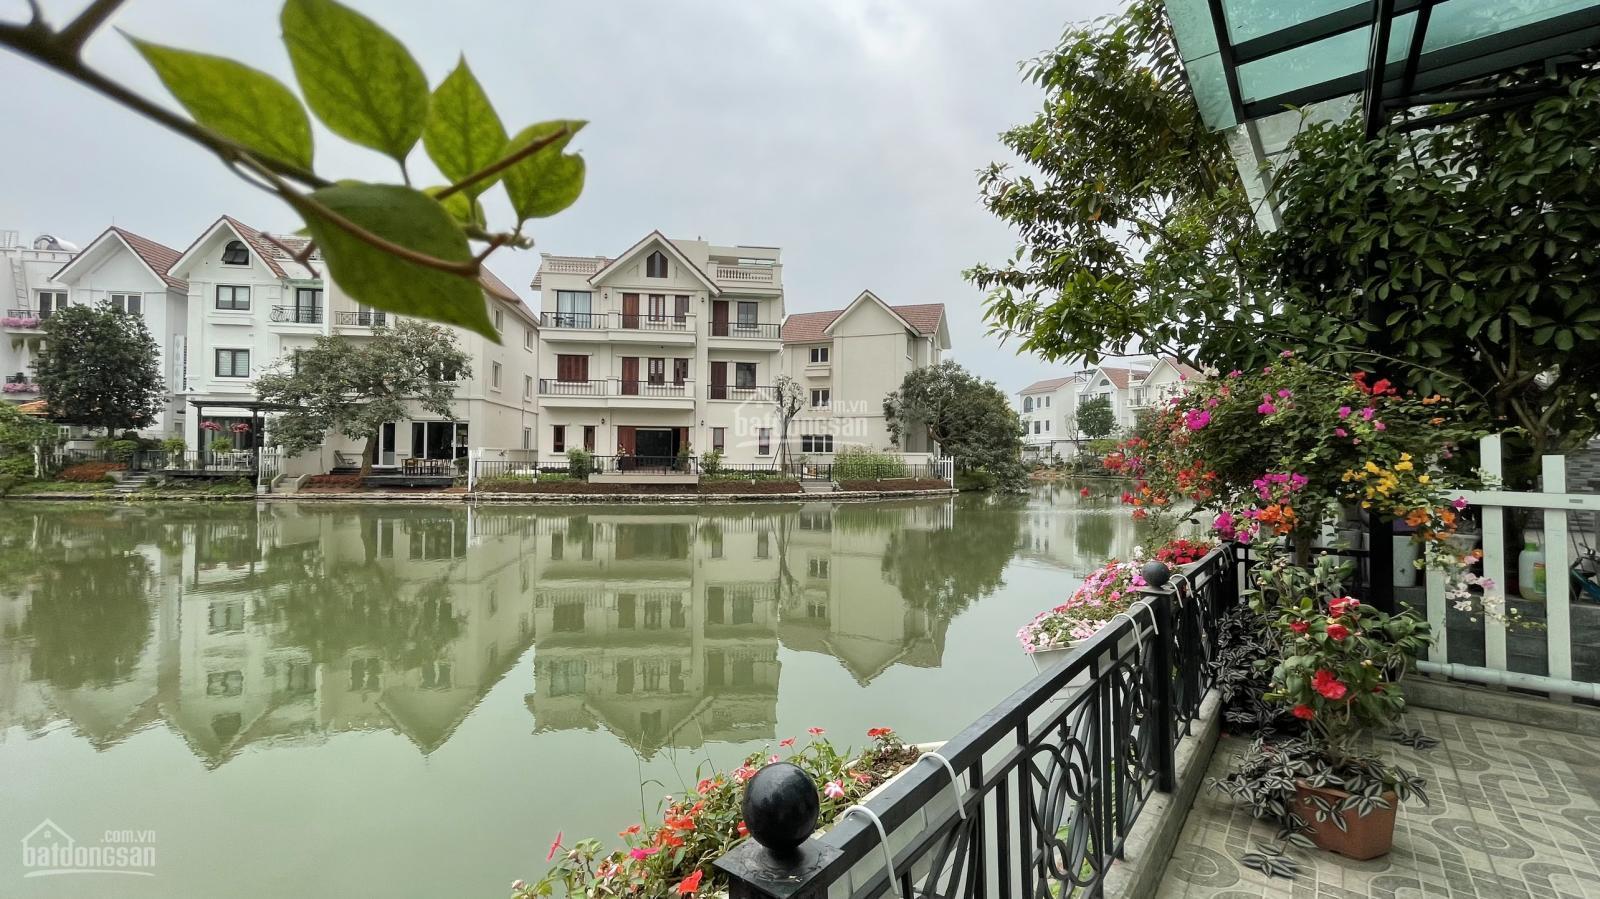 Bán biệt thự song lập Hoa Lan 225m2, hoàn thiện đủ đồ rất đẹp, sông cực rộng tại Vinhomes Riverside